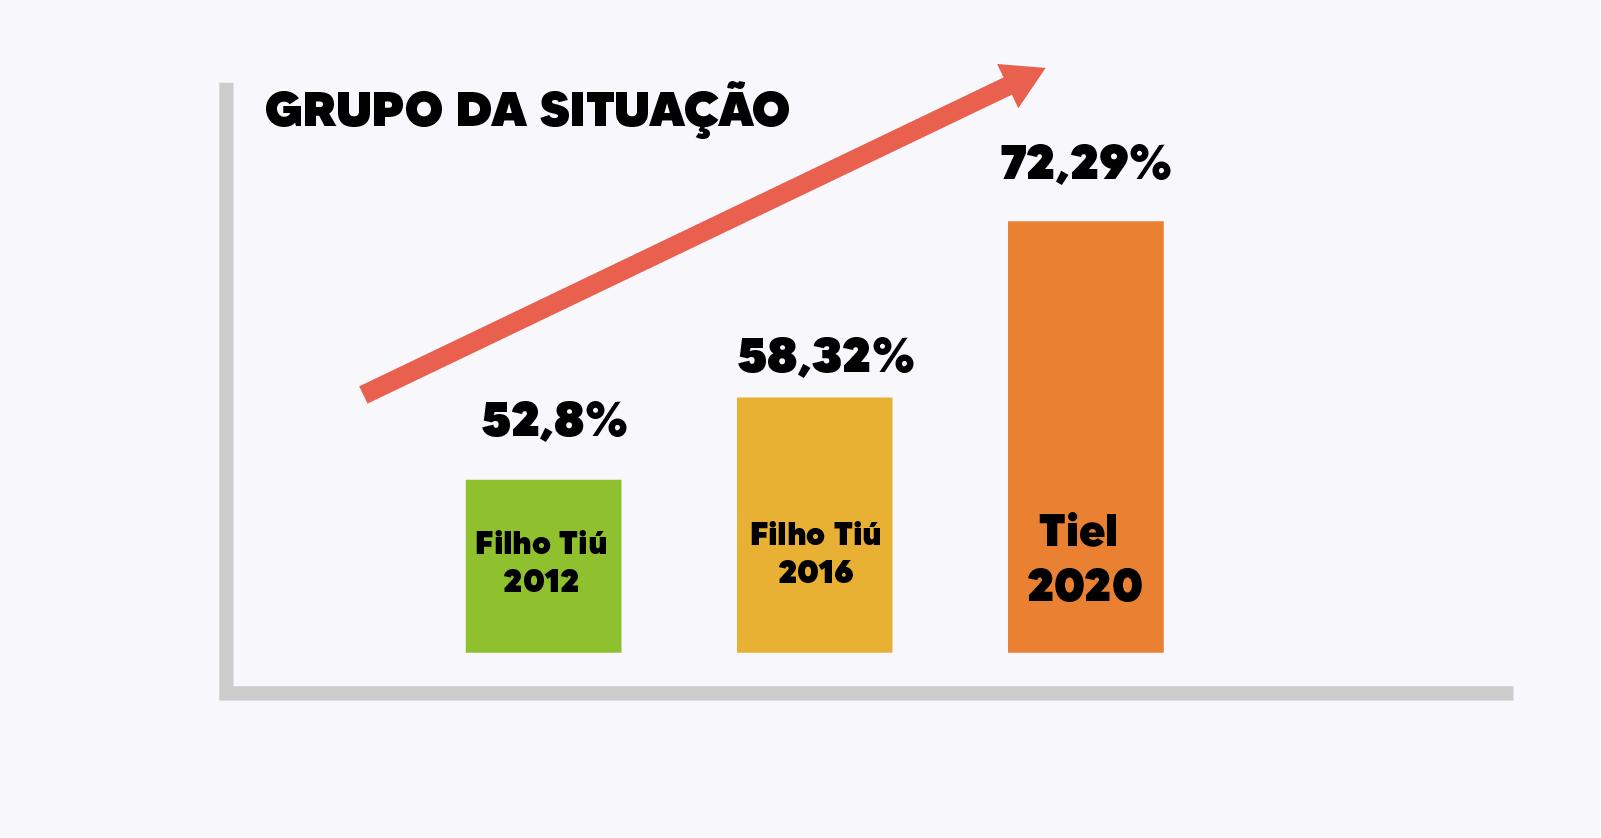 Novo prefeito de Tanque do Piauí obtém 880 votos de maioria, número maior que os votos obtidos pela oposição 2